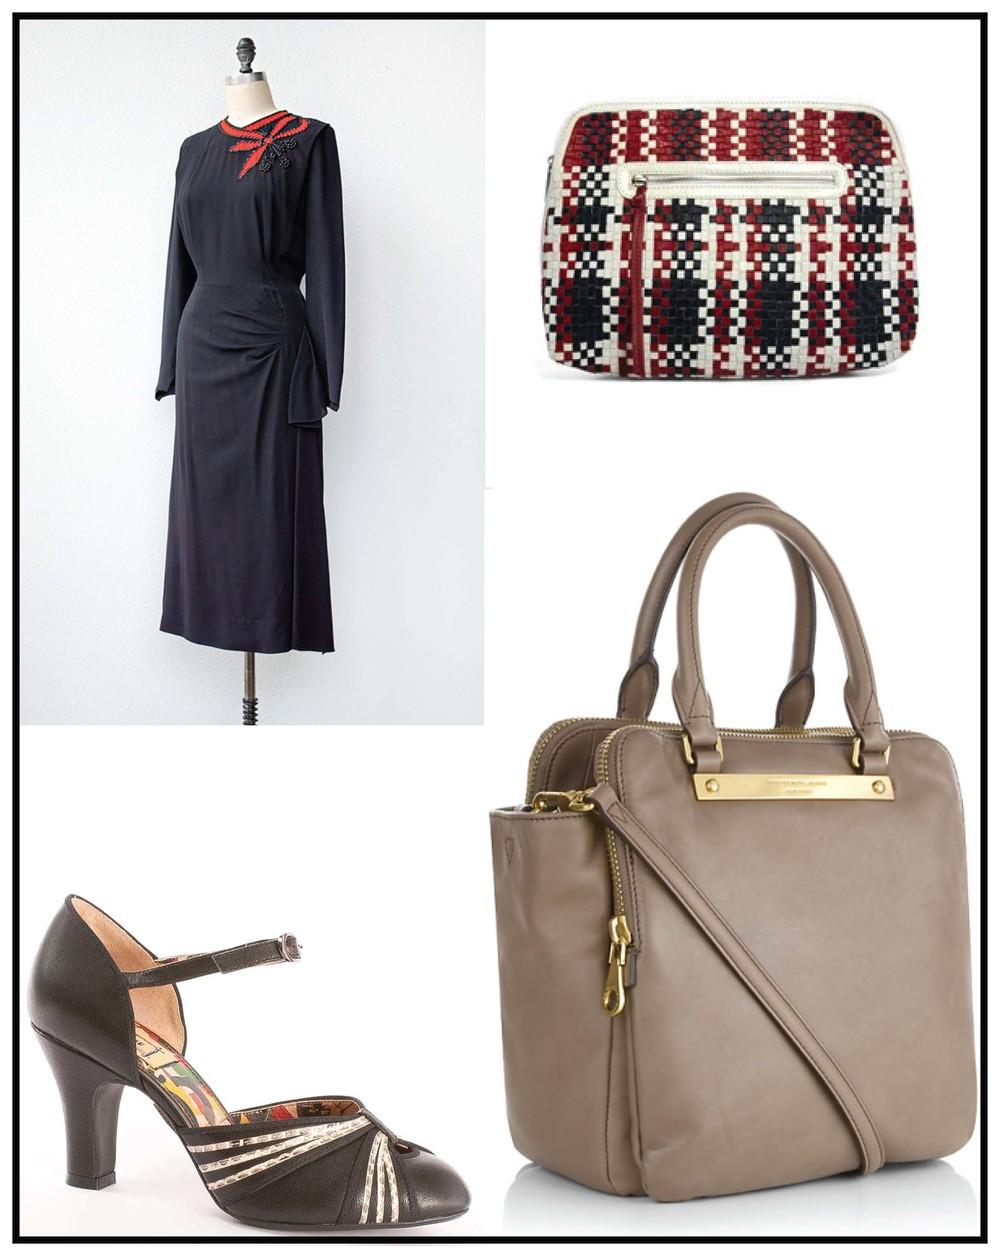 øverst fra venstre:  kjole fra adoredvintage.com  taske fra ASOS.com  sko fra Miss L Fire  taske fra marc jarcobs